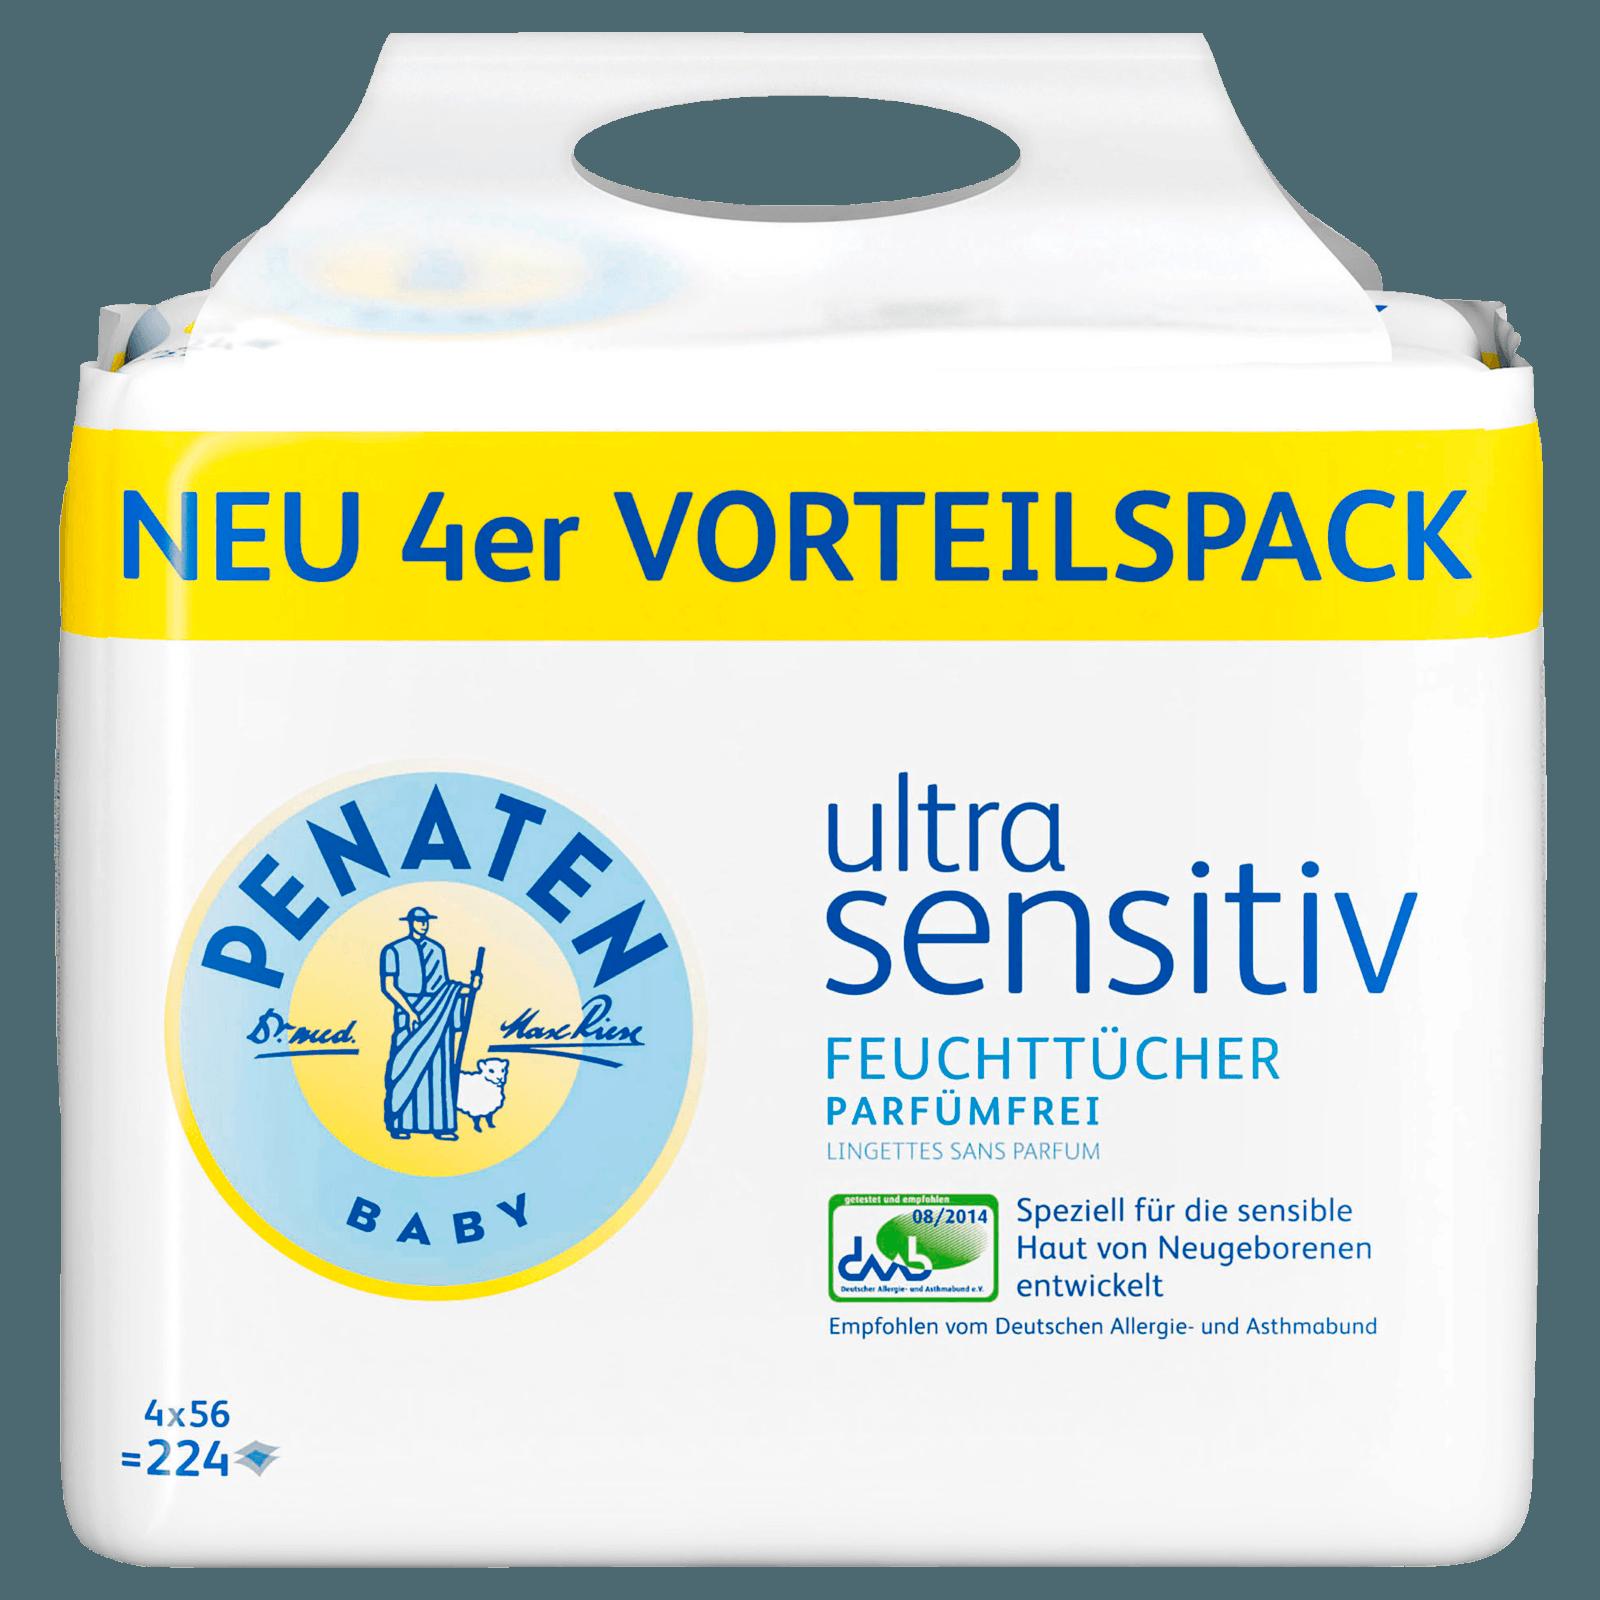 Penaten Ultra Sensitiv Feuchttücher parfümfrei 4x56 Stück